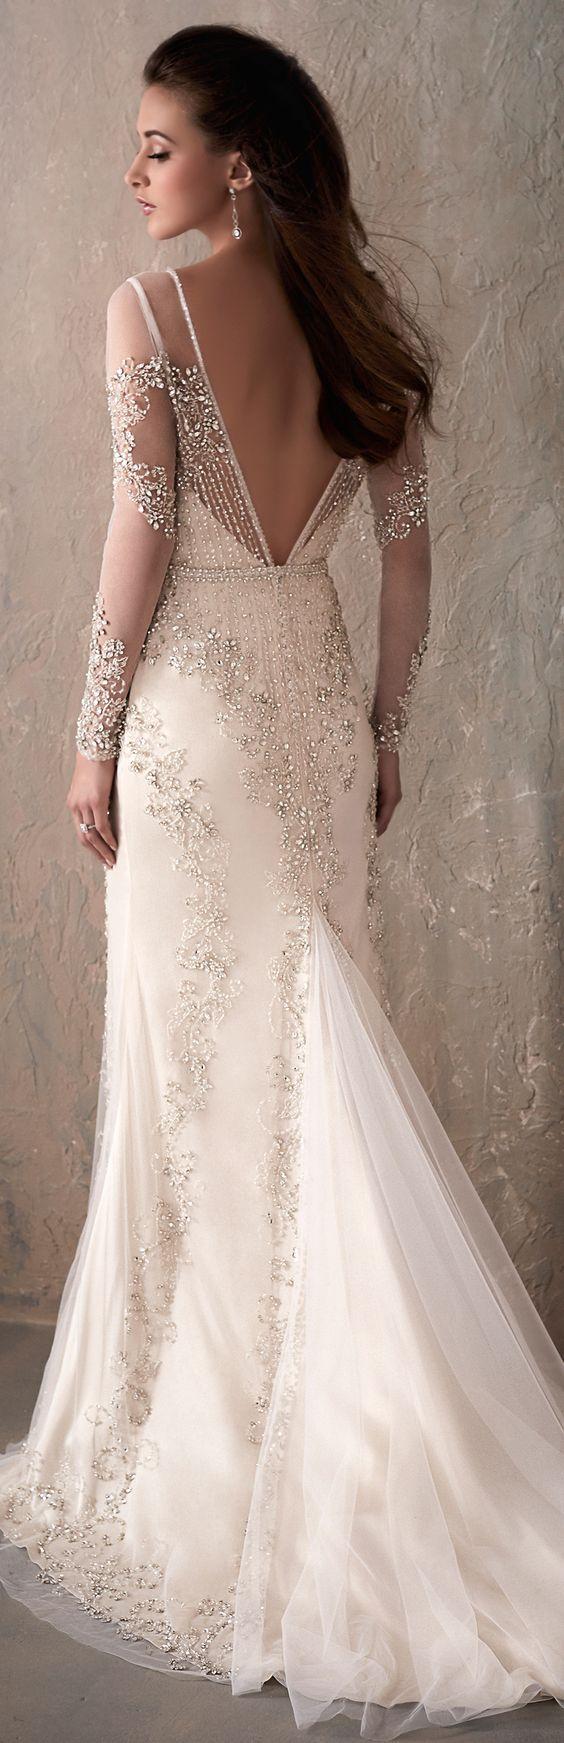 Strapless bra for wedding dress plus size  Rachel rachel on Pinterest